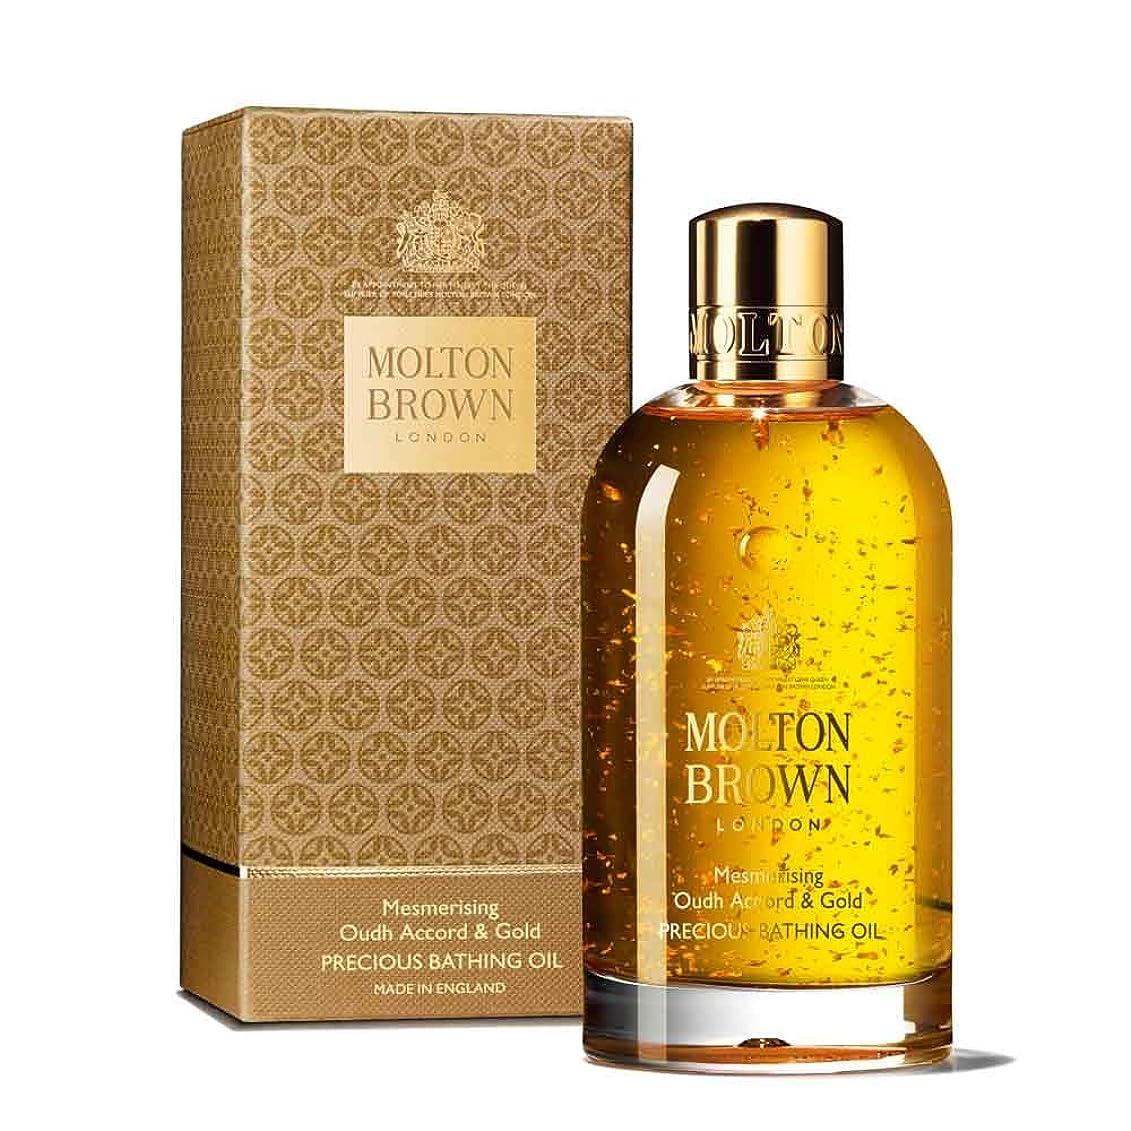 臭いバレエ受信MOLTON BROWN(モルトンブラウン) ウード?アコード&ゴールド コレクション OA&G ベージングオイル